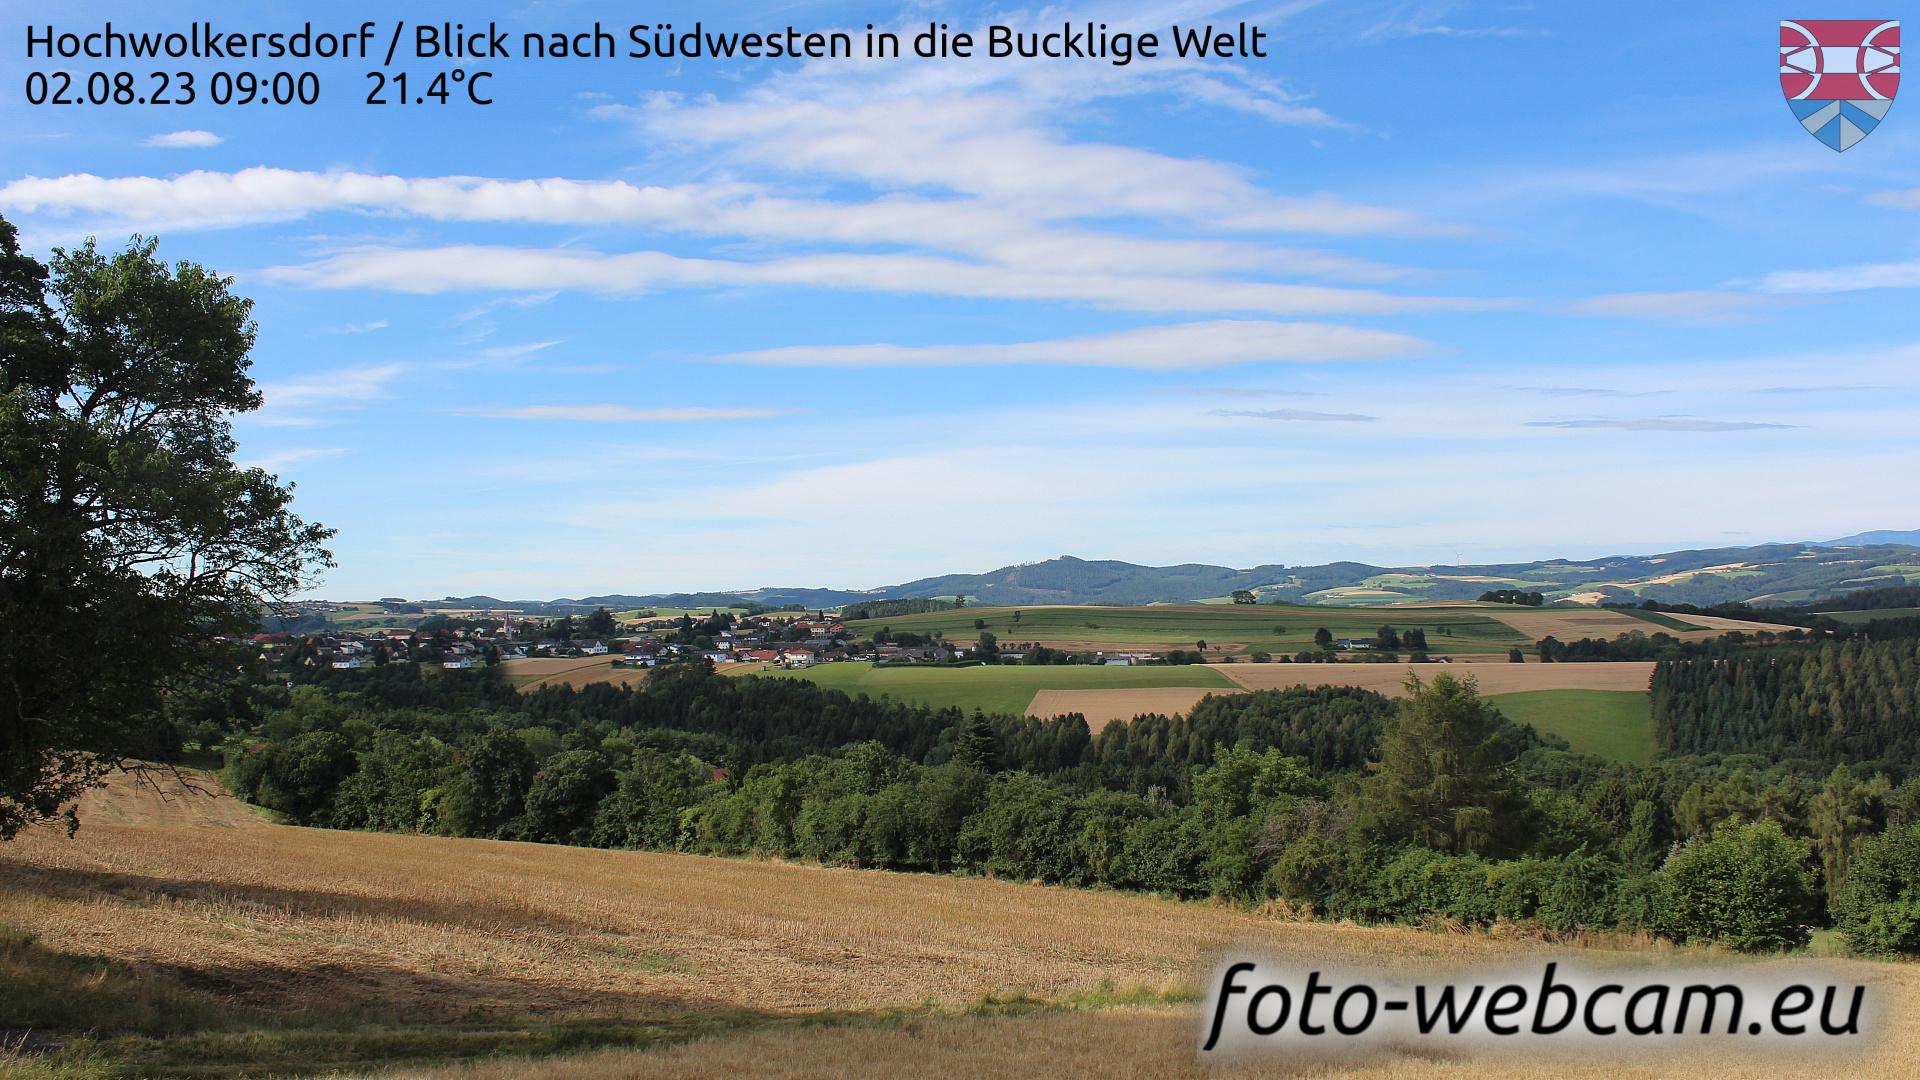 Hochwolkersdorf Wed. 09:09